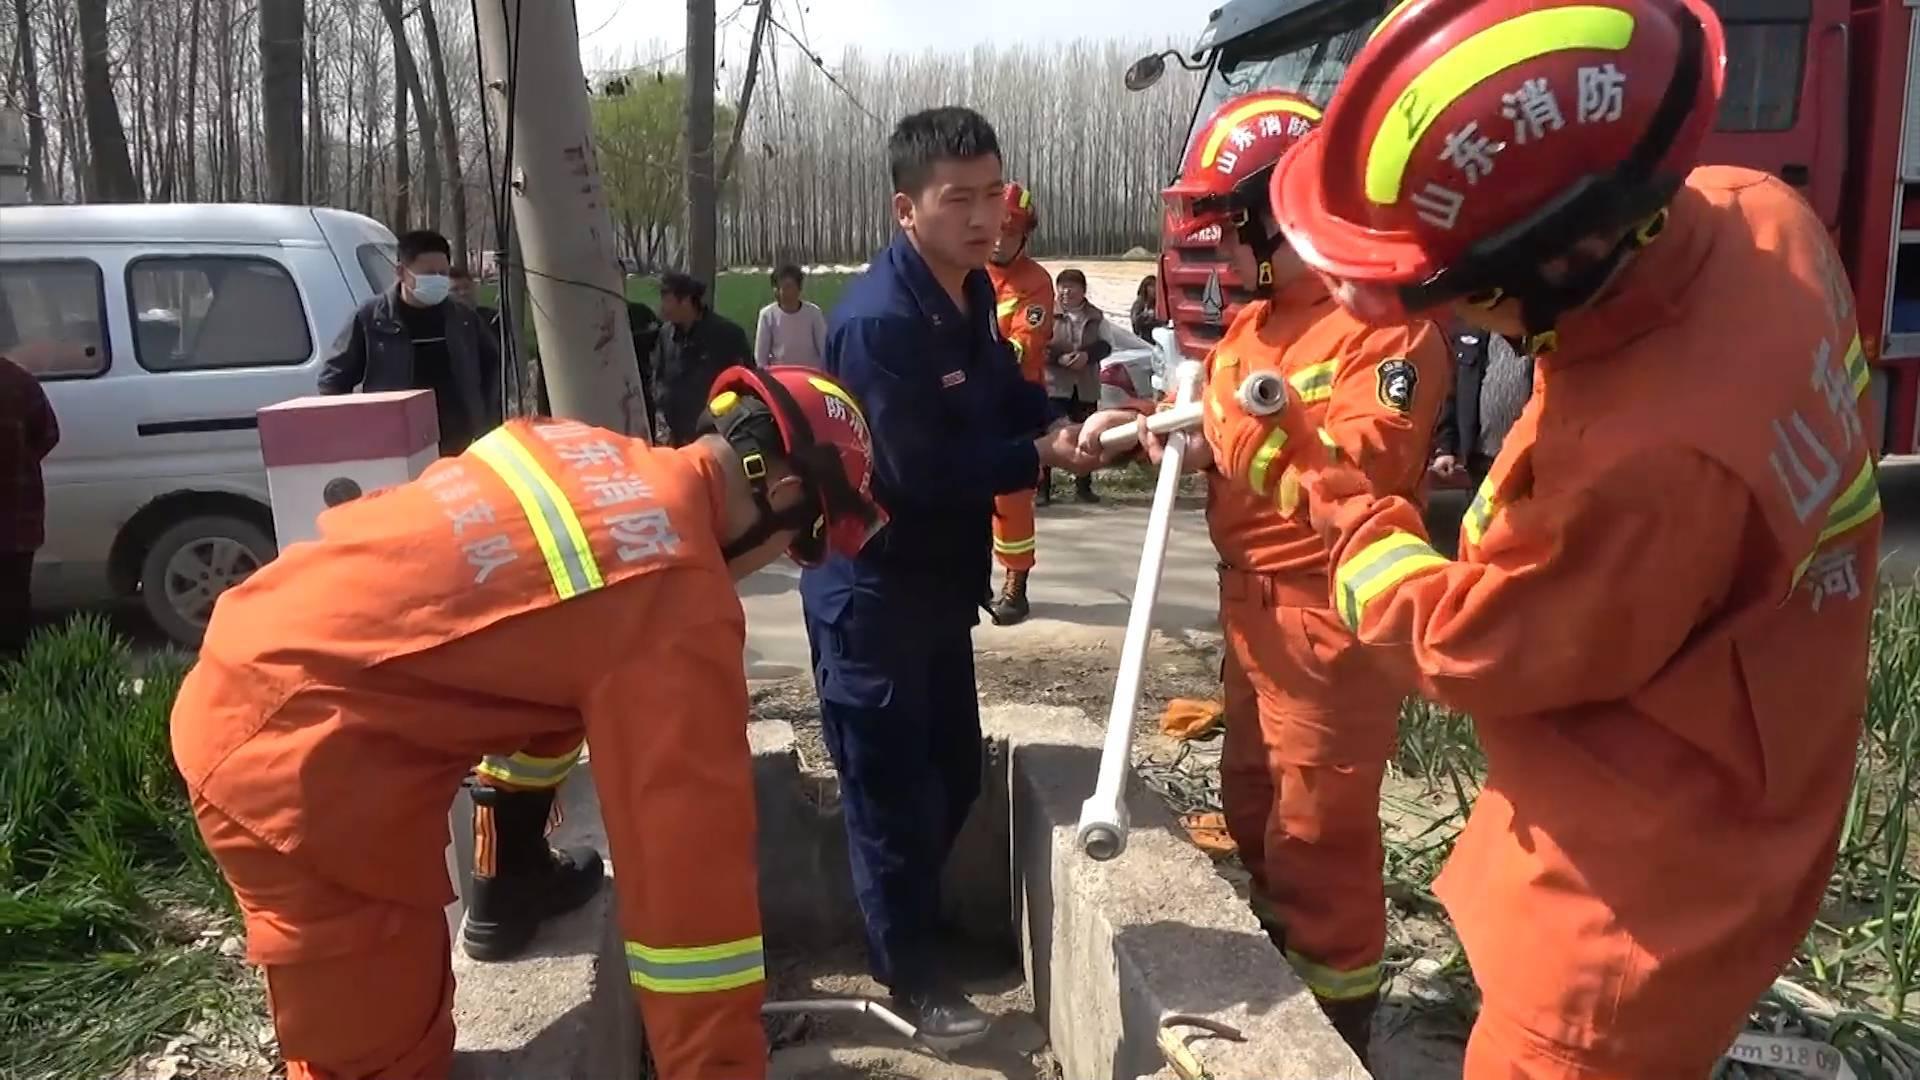 山东菏泽老人不慎坠井 消防人员60秒极速施救